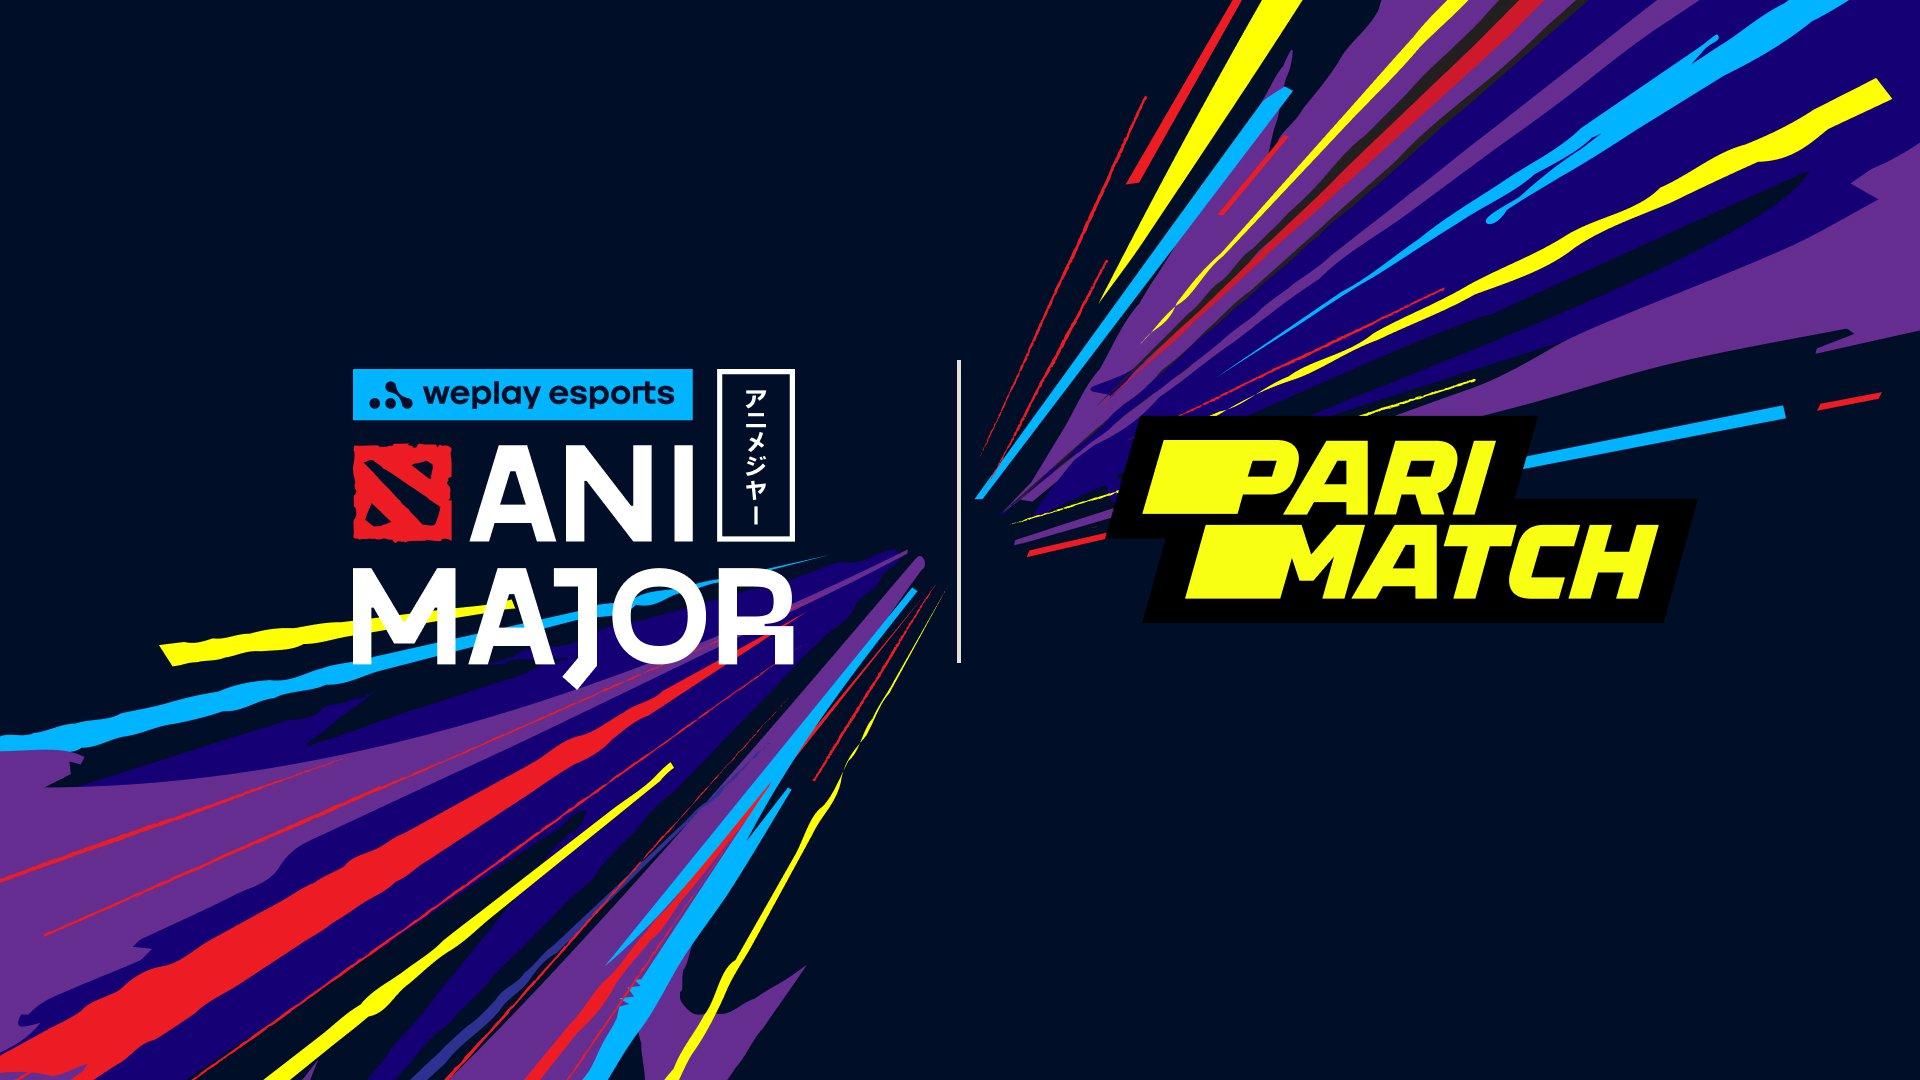 Parimatch стал партнером на втором мажоре текущего сезона Dota Pro Circuit. Изображение: WePlay Esports